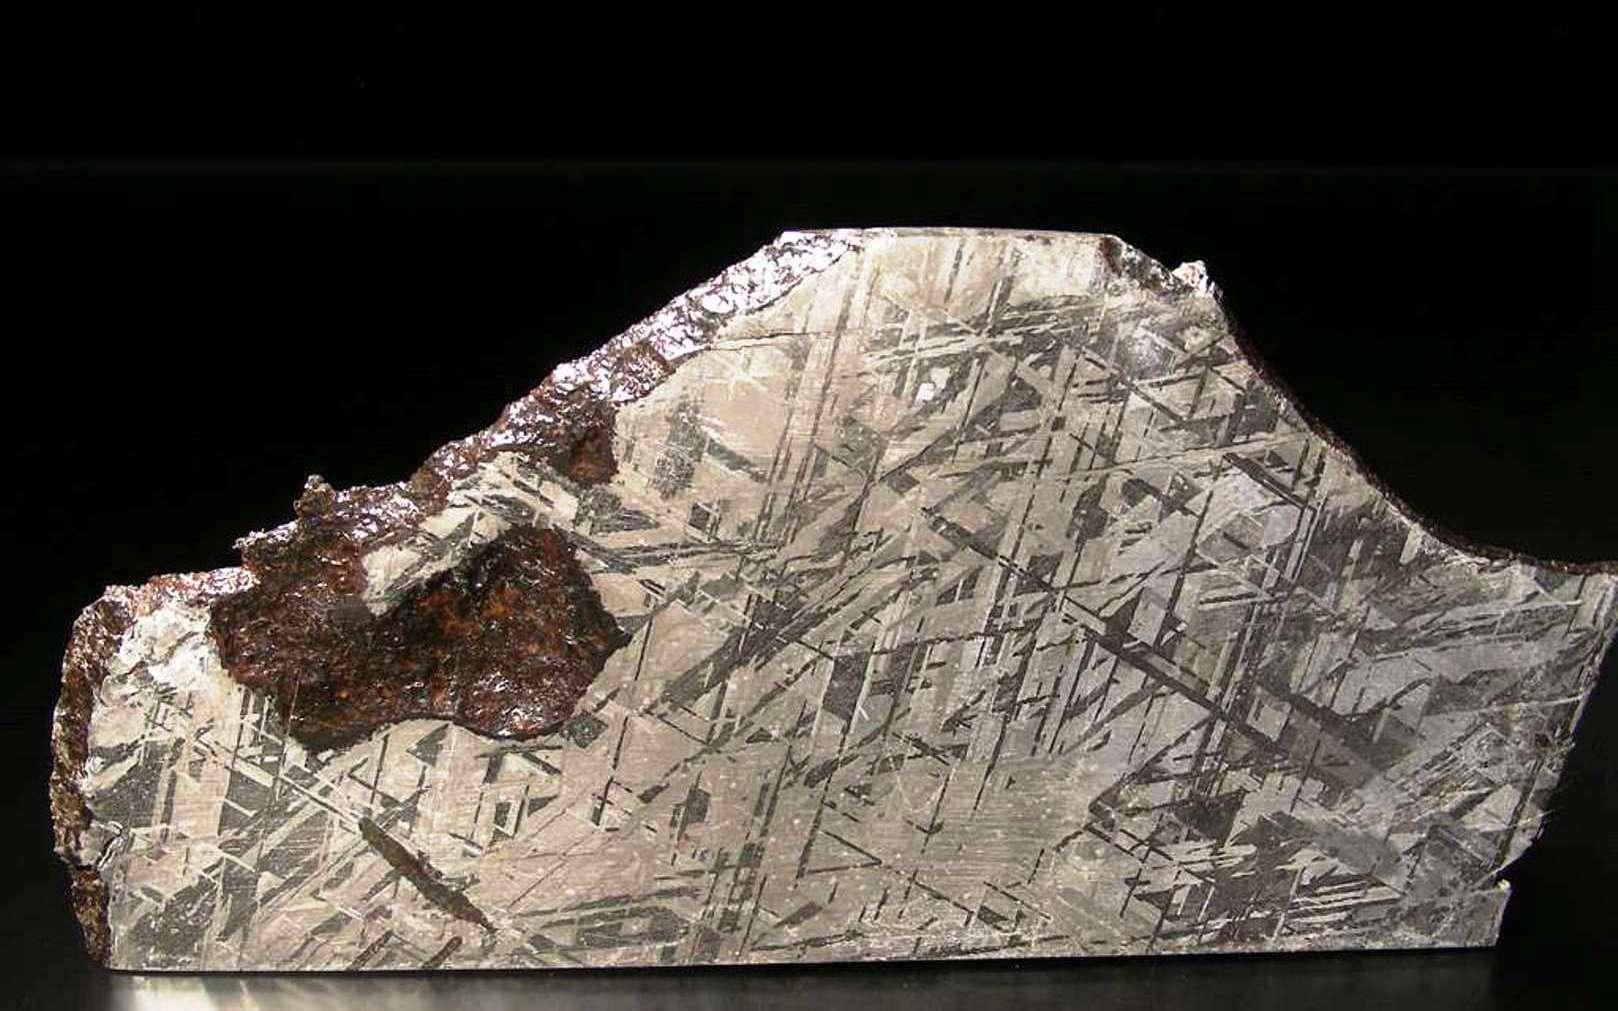 Une nouvelle structure énigmatique découverte dans le noyau de la Terre - Futura